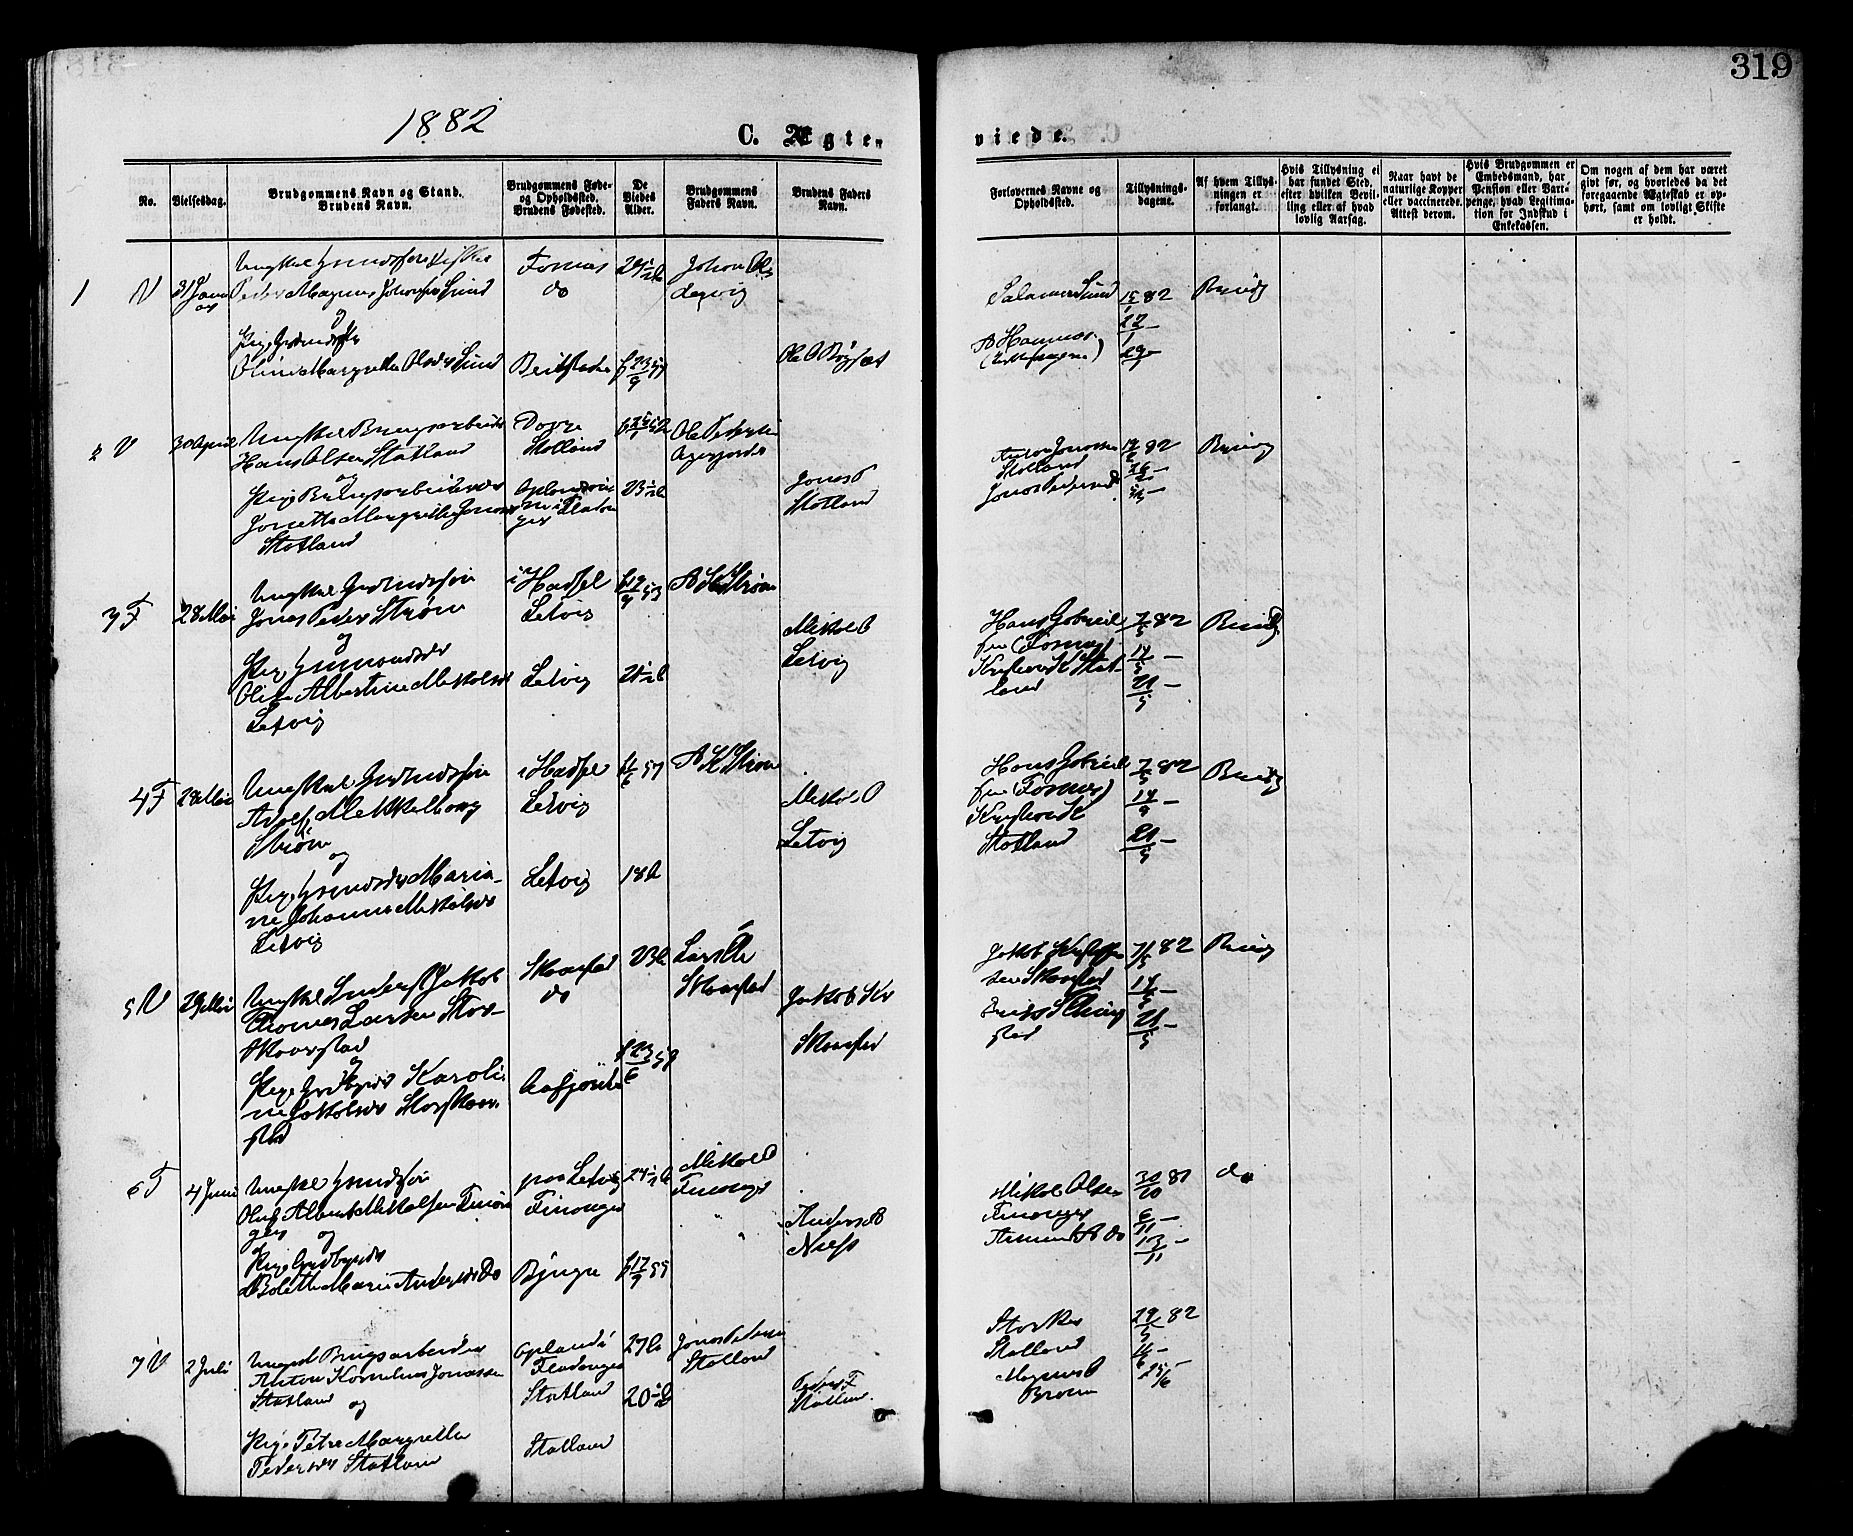 SAT, Ministerialprotokoller, klokkerbøker og fødselsregistre - Nord-Trøndelag, 773/L0616: Ministerialbok nr. 773A07, 1870-1887, s. 319